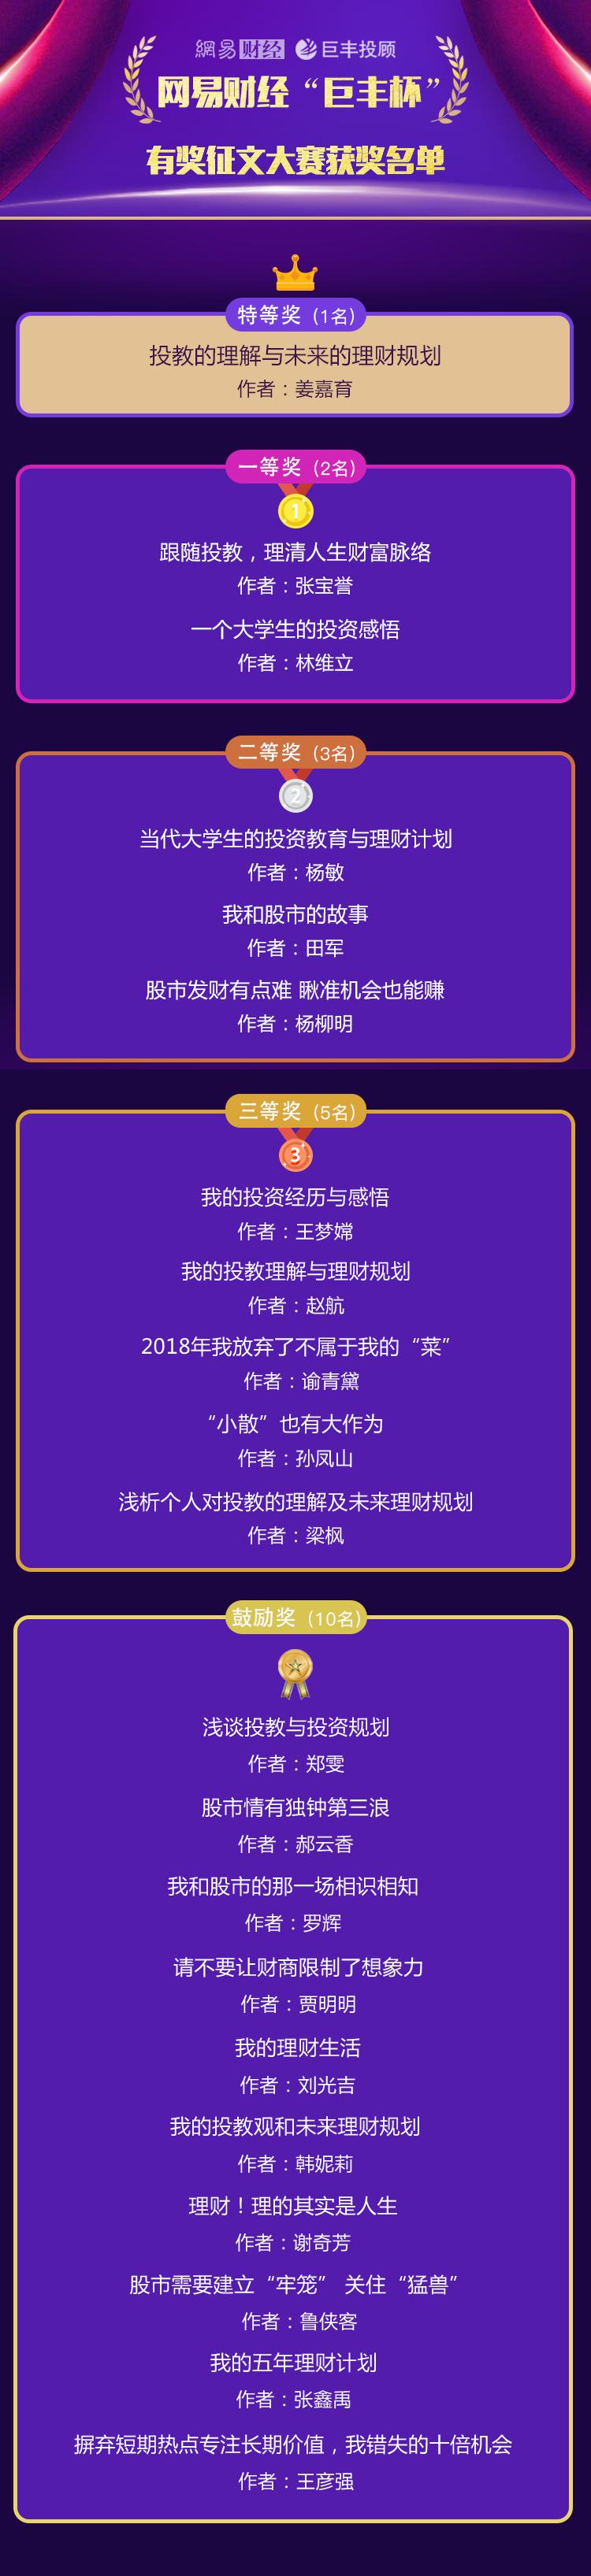 """千元奖金得主发布!网易财经""""巨丰杯""""有奖征文大赛获奖名单宣告"""